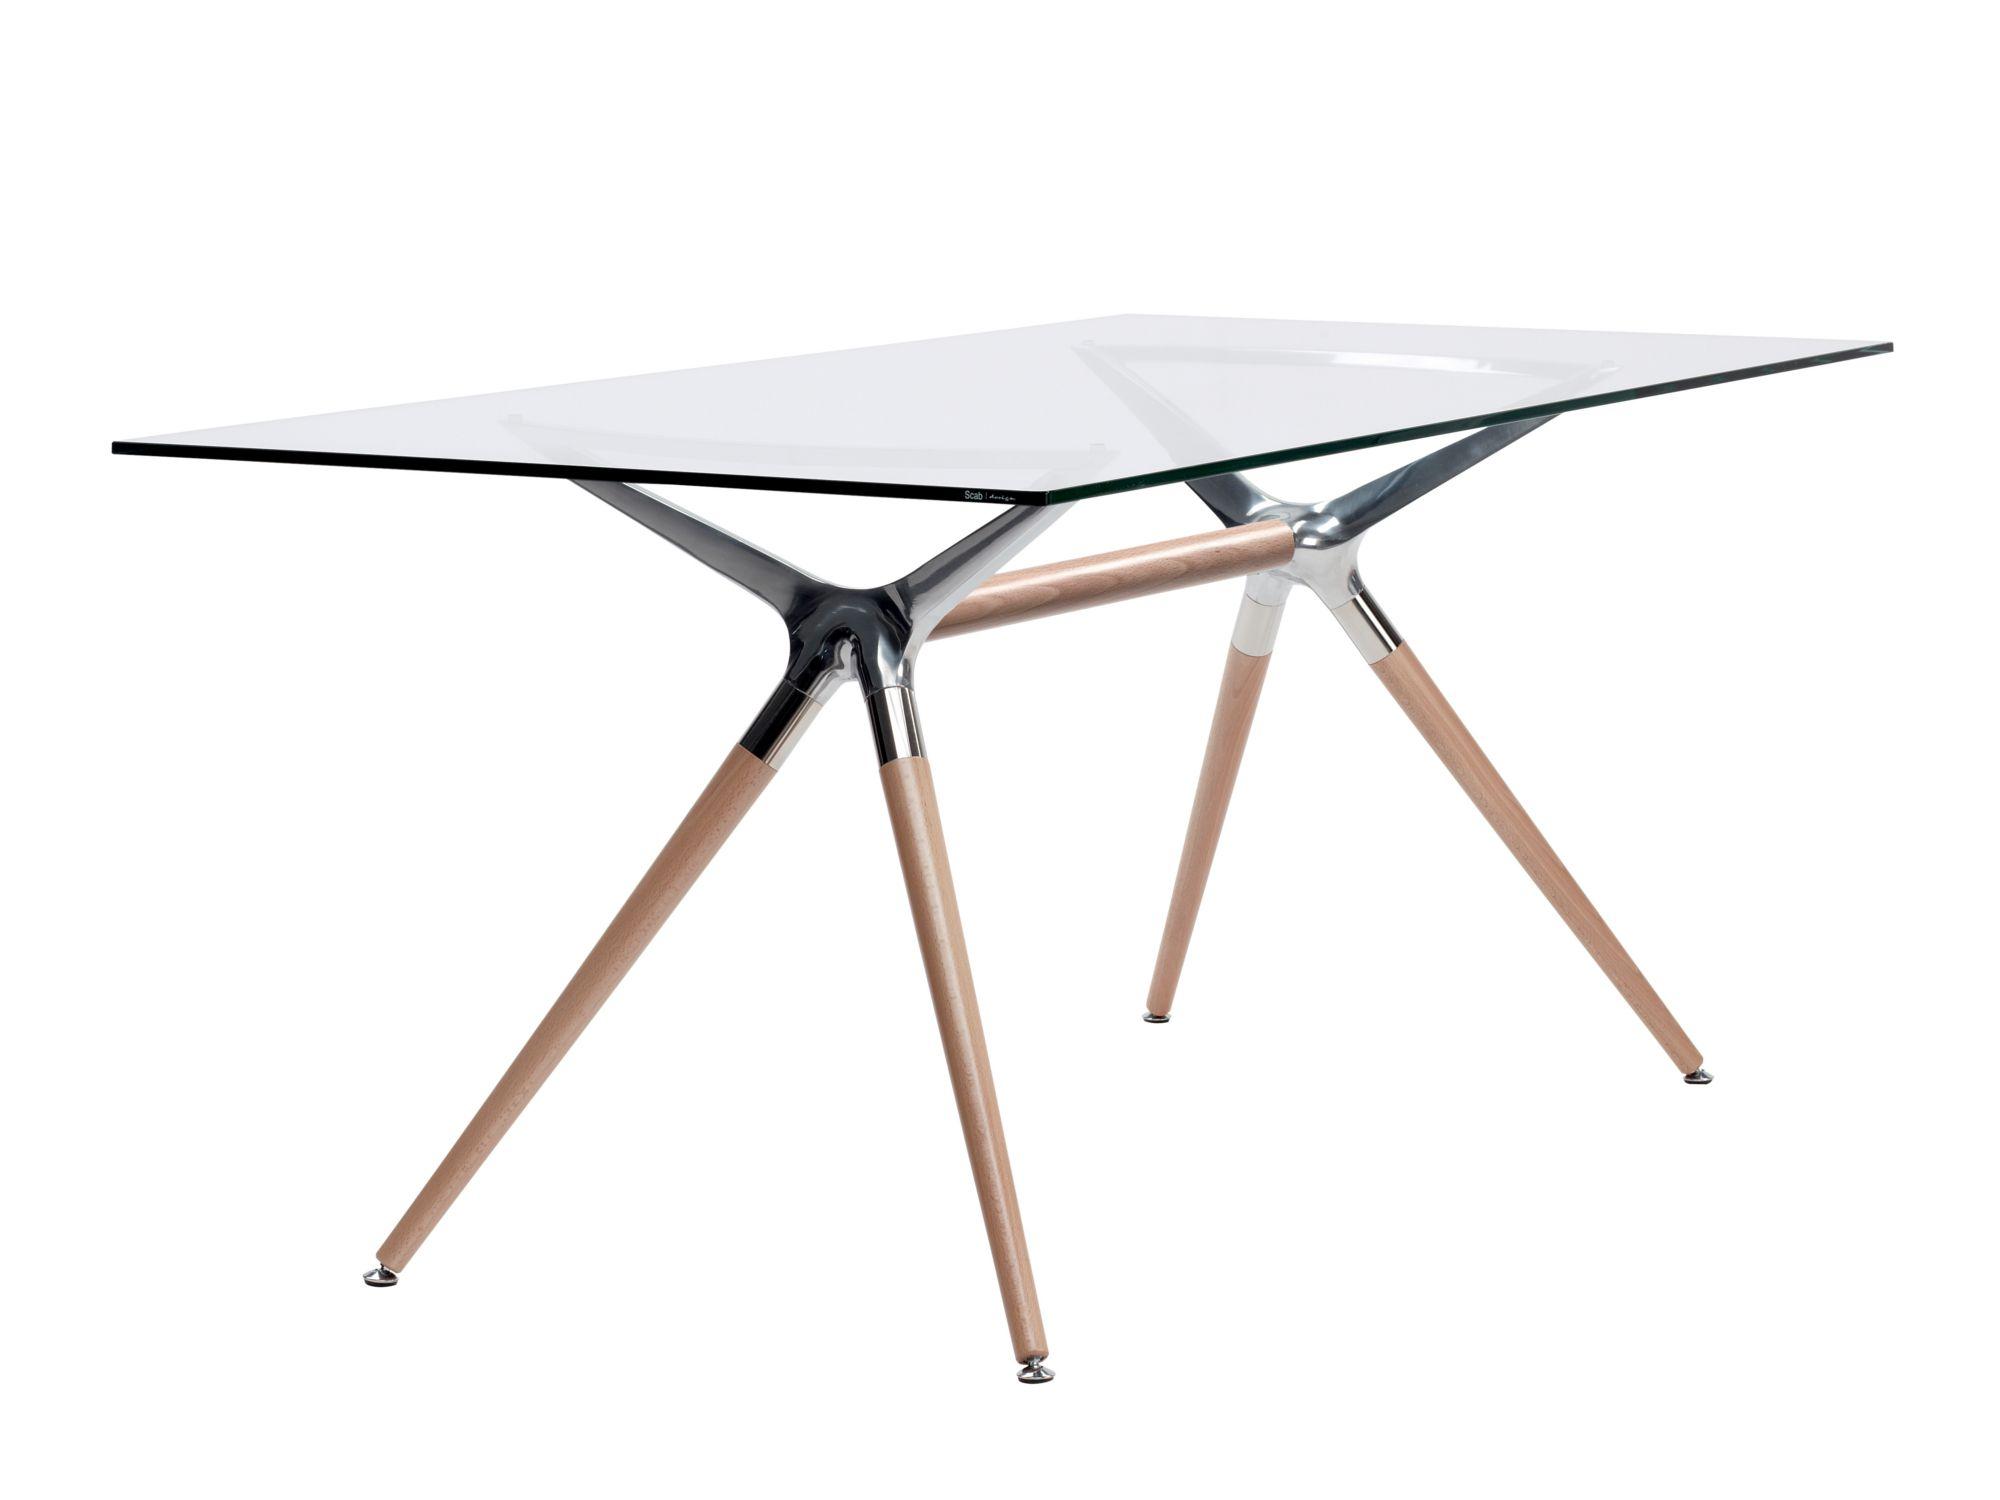 Table rectangulaire en verre tremp natural metropolis - Table rectangulaire design ...